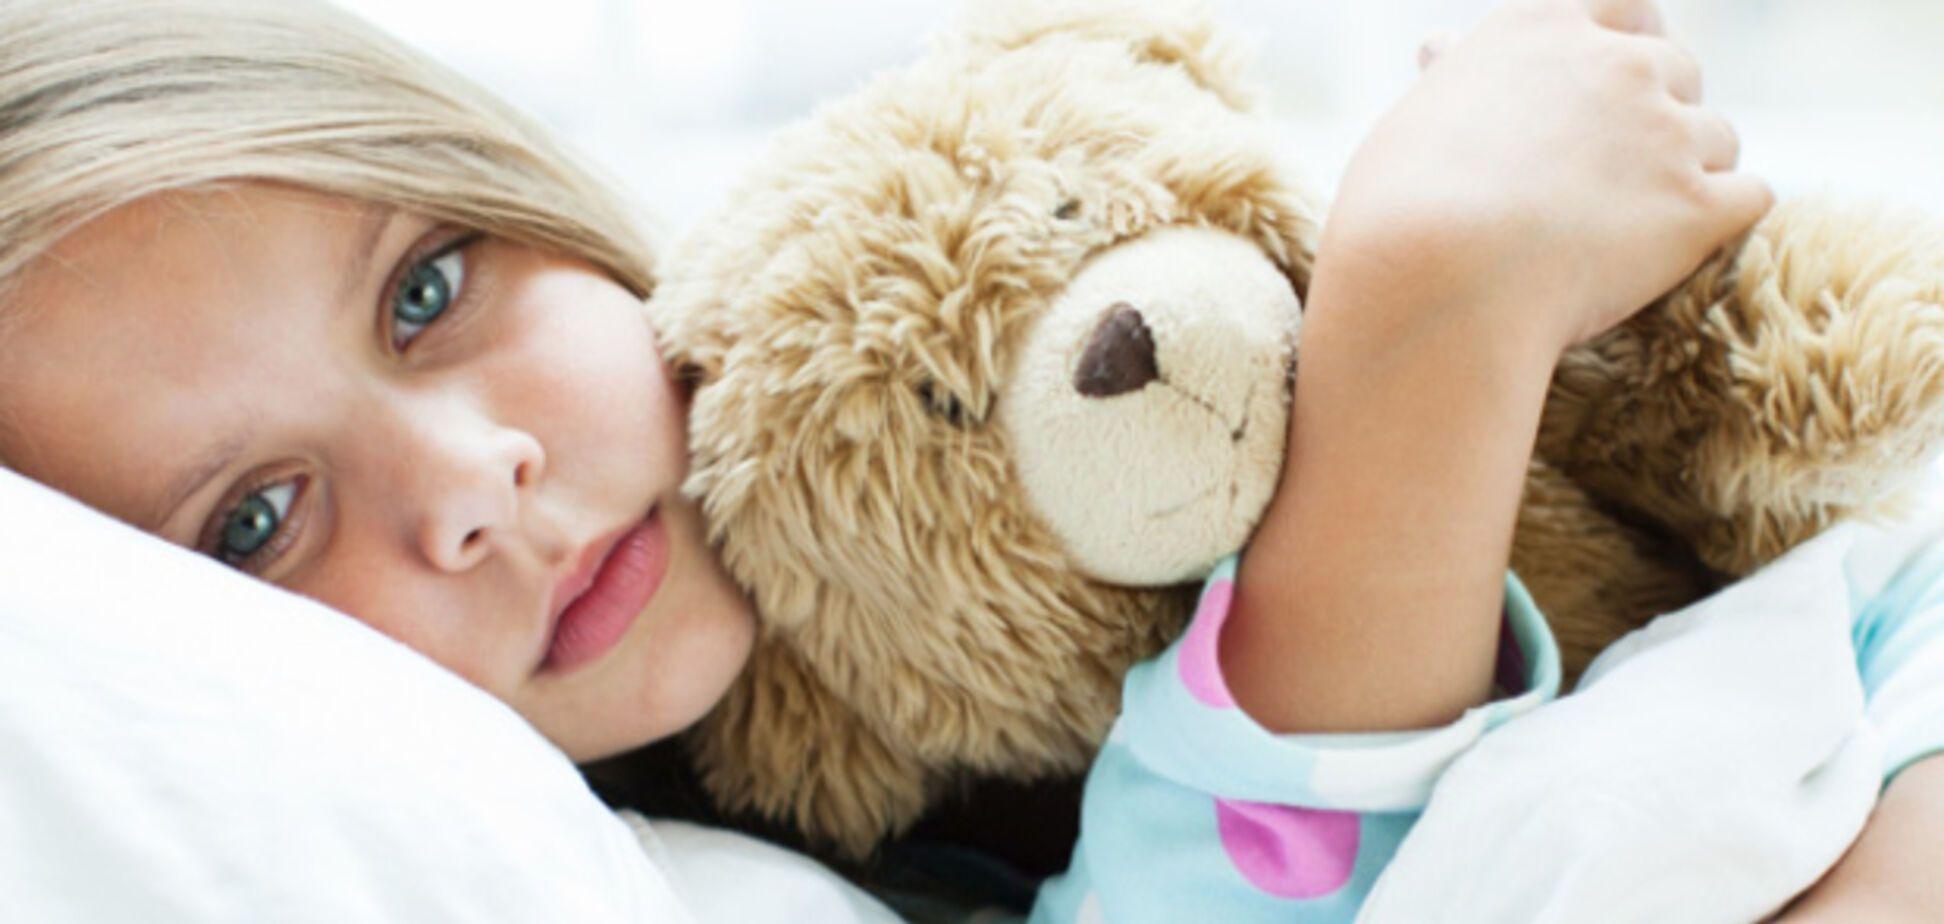 Это опасно: врач рассказал, как нельзя лечить простуду и грипп